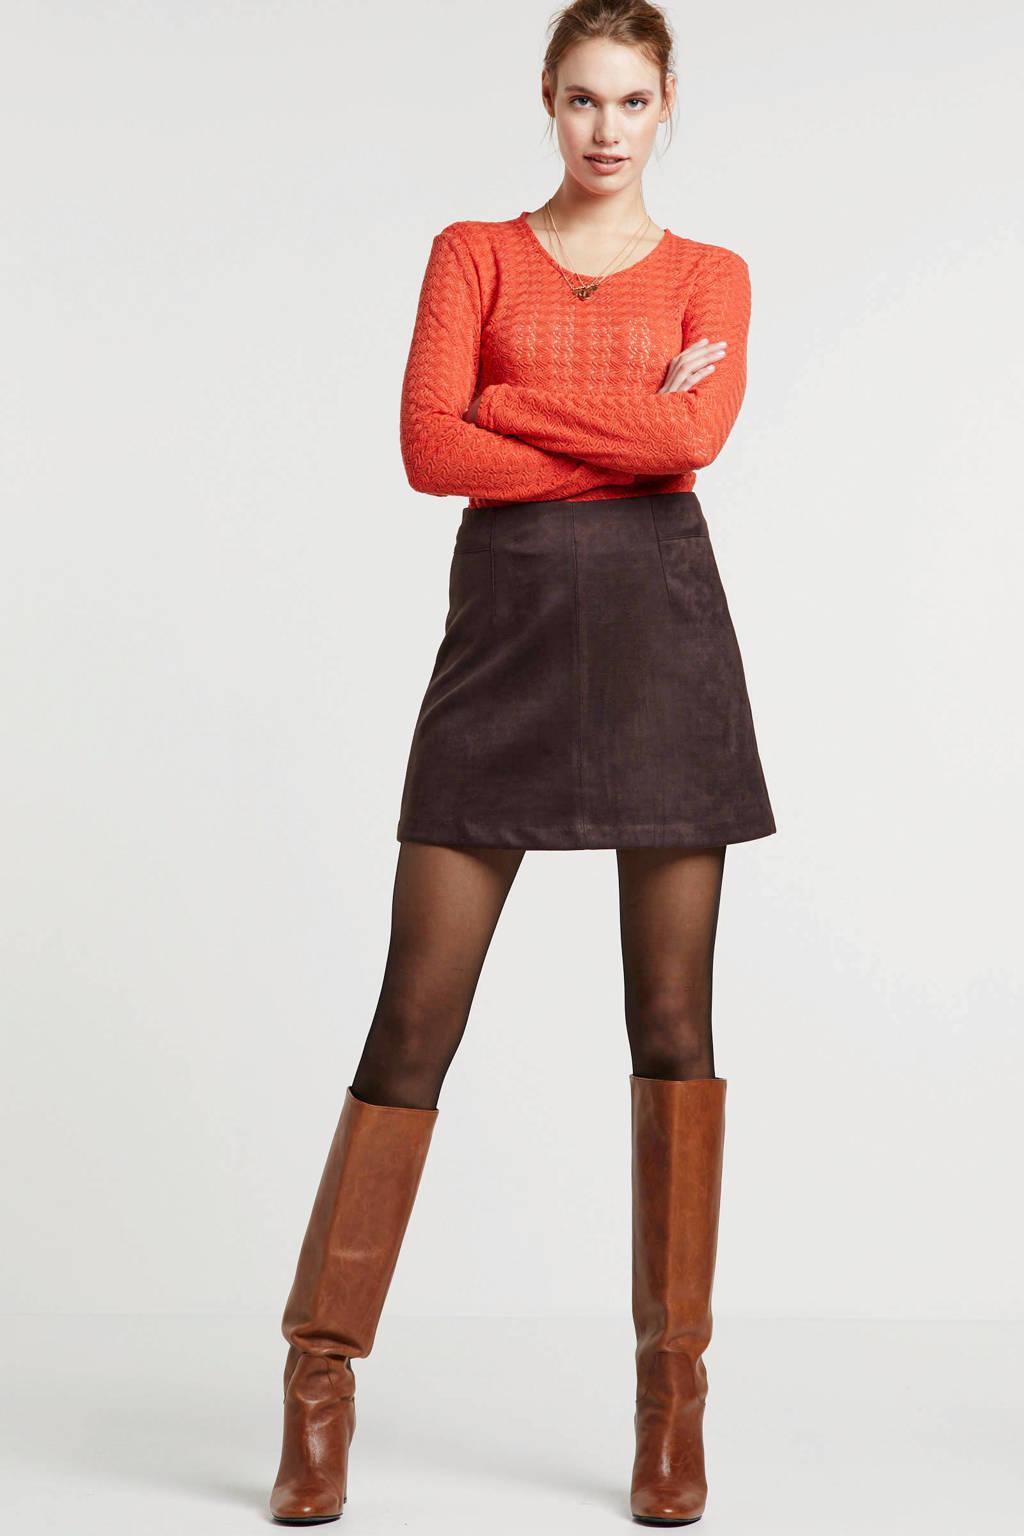 JACQUELINE DE YONG top met textuur oranje, Oranje